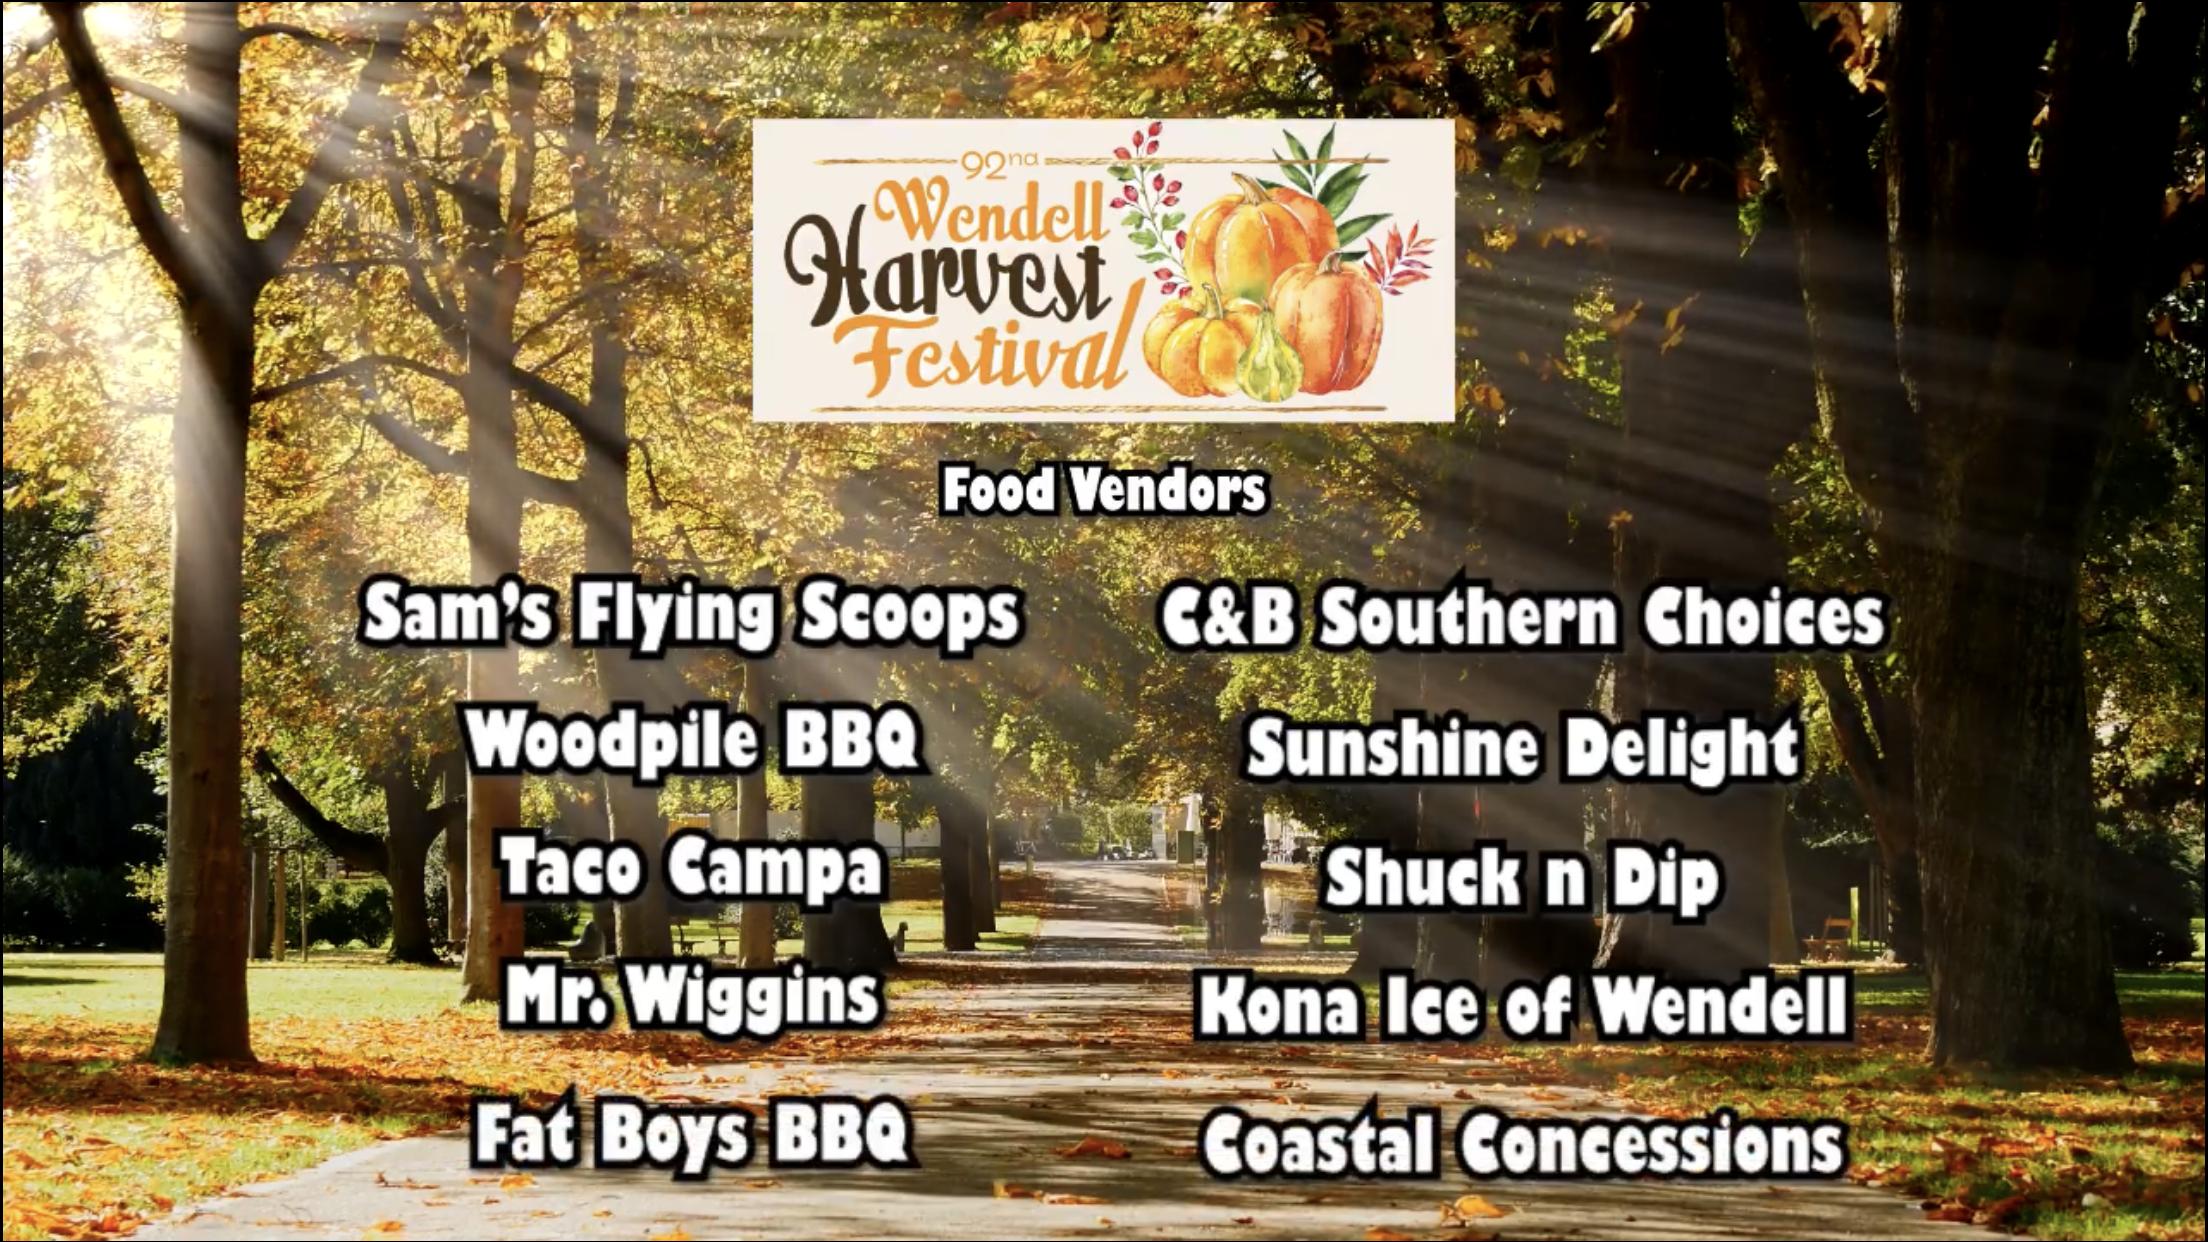 Wendell Harvest Festival Vendors